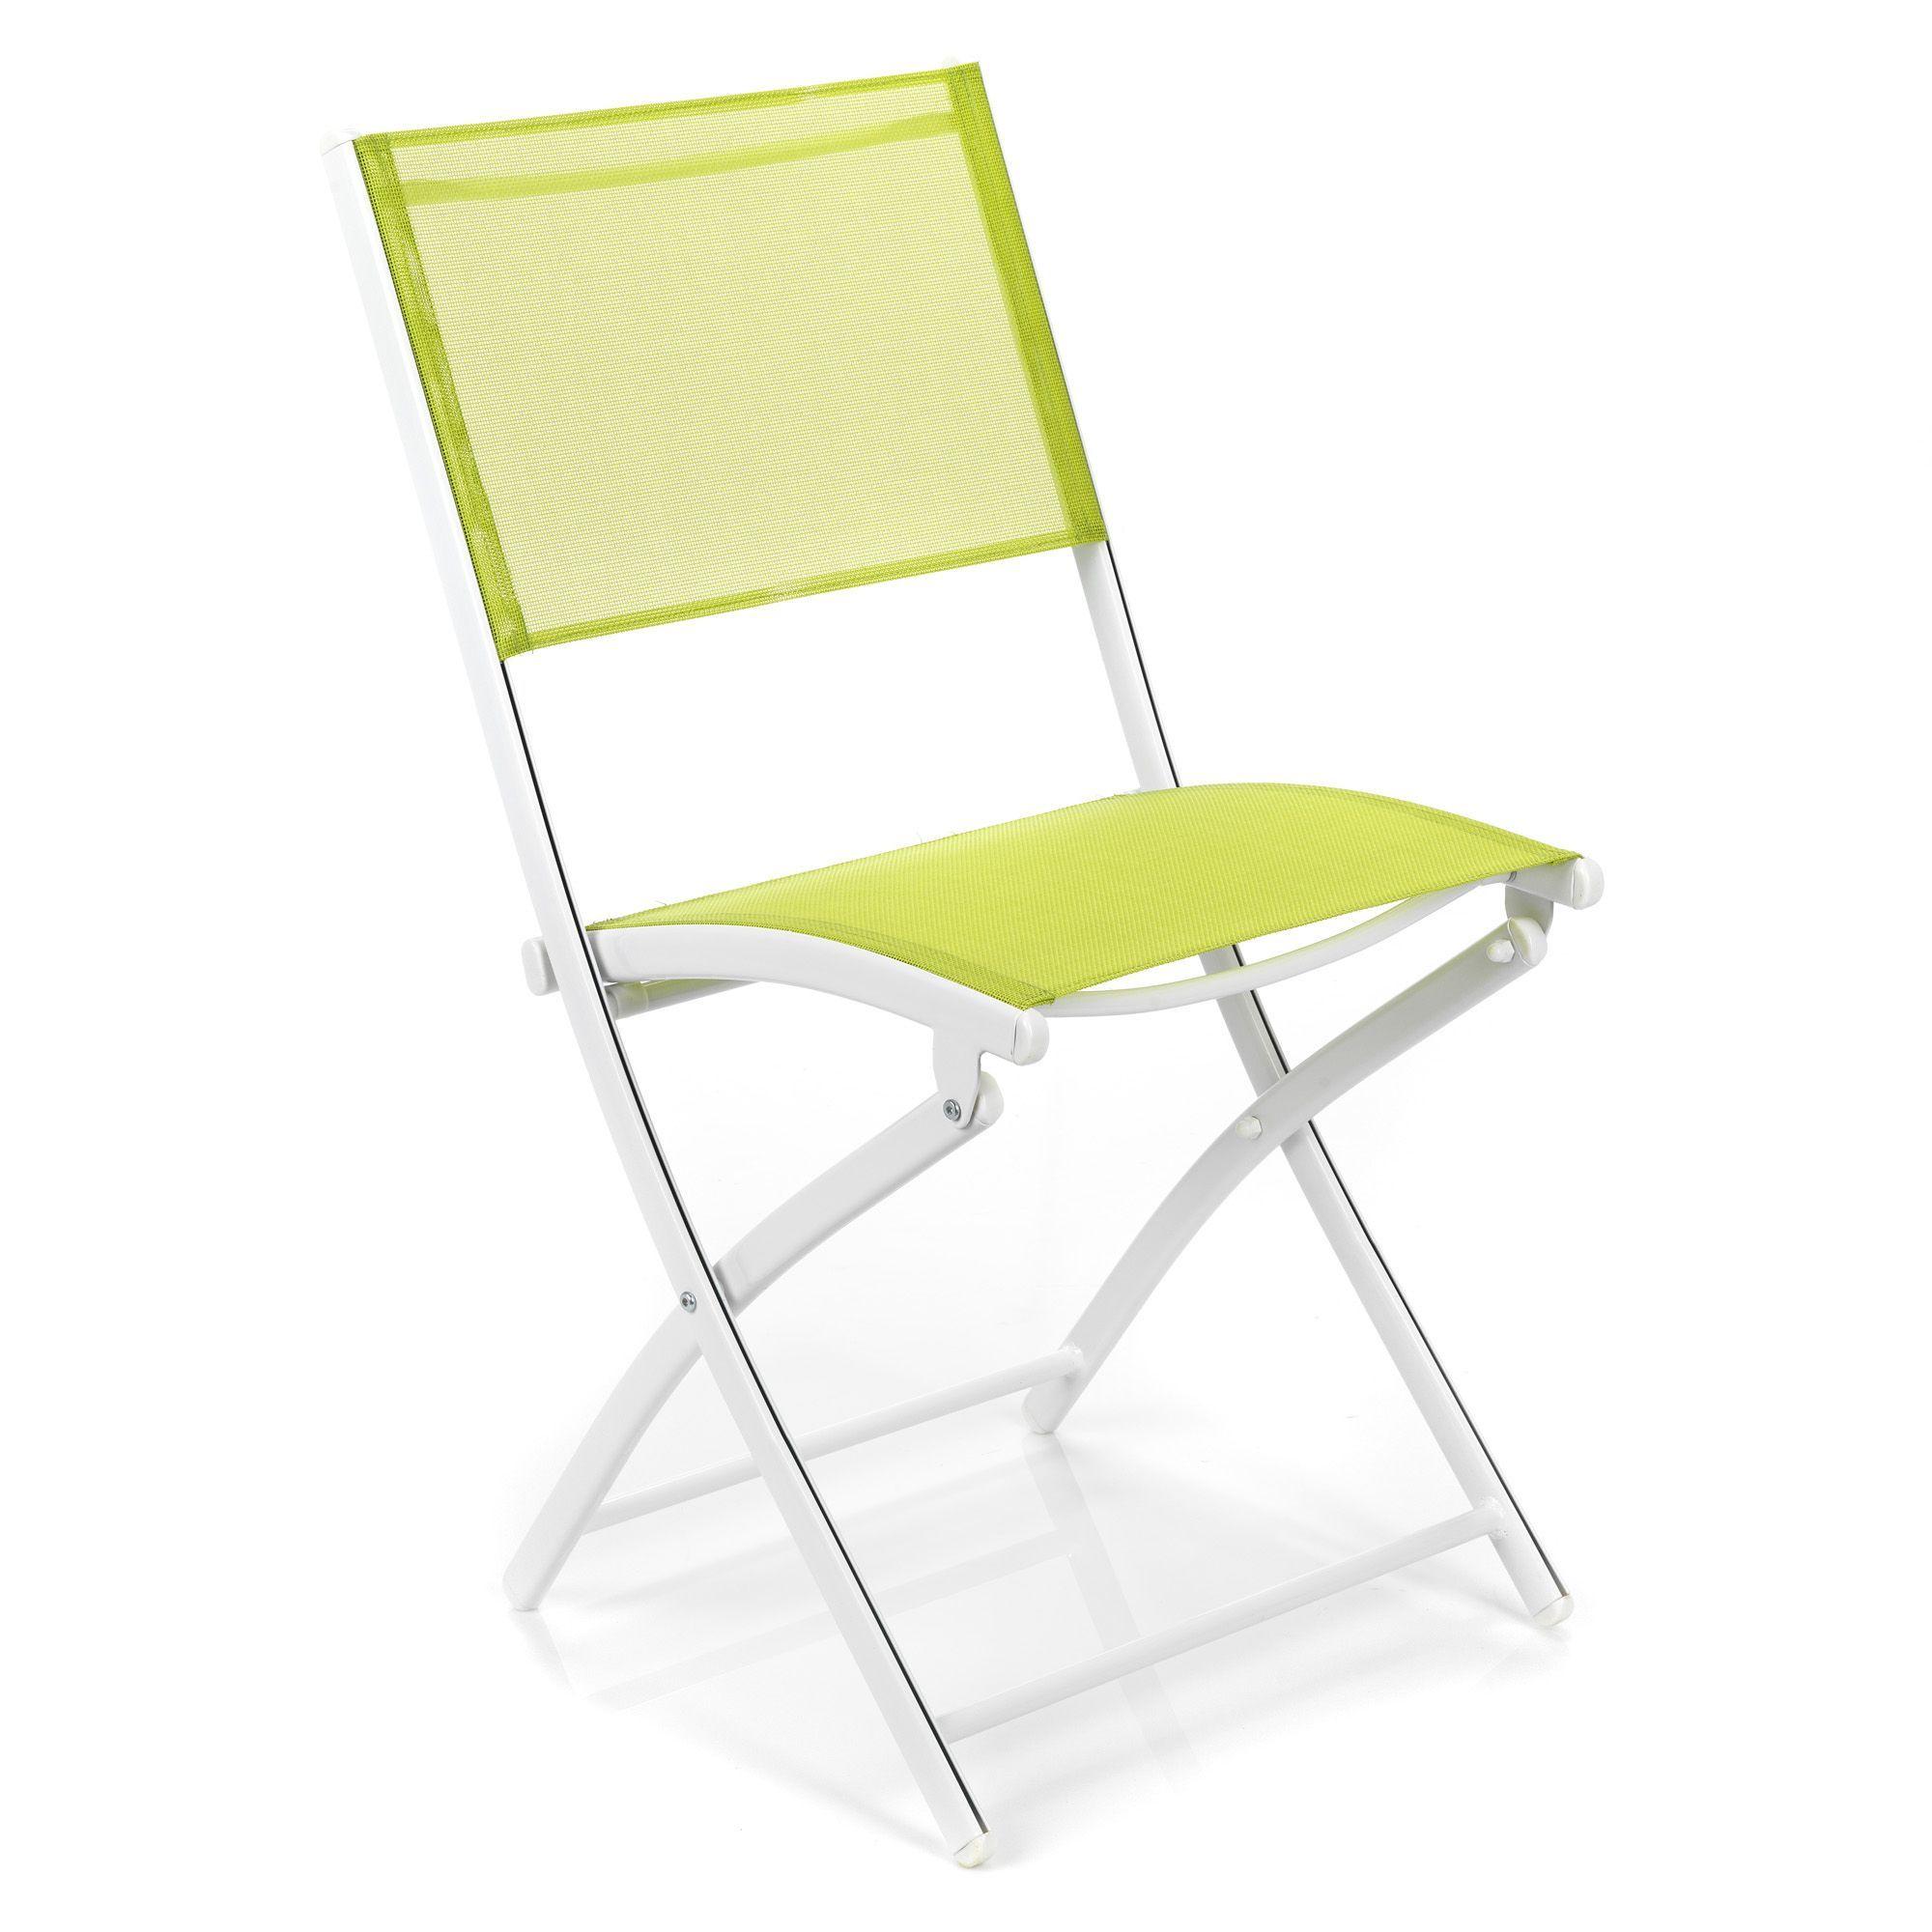 Chaise Pliante De Jardin Blanc Et Vert Structure Blanche ... à Chaise Jardin Alinea